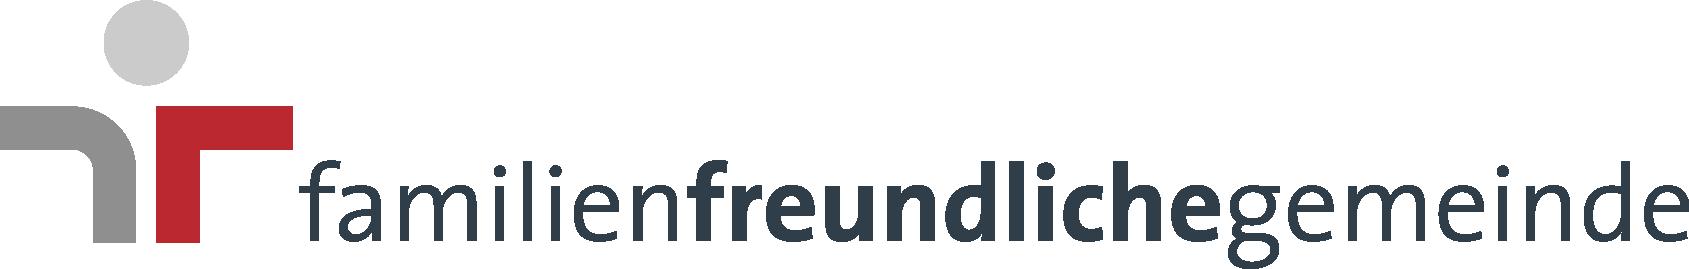 familien_freundliche_cs3_neu_0.png